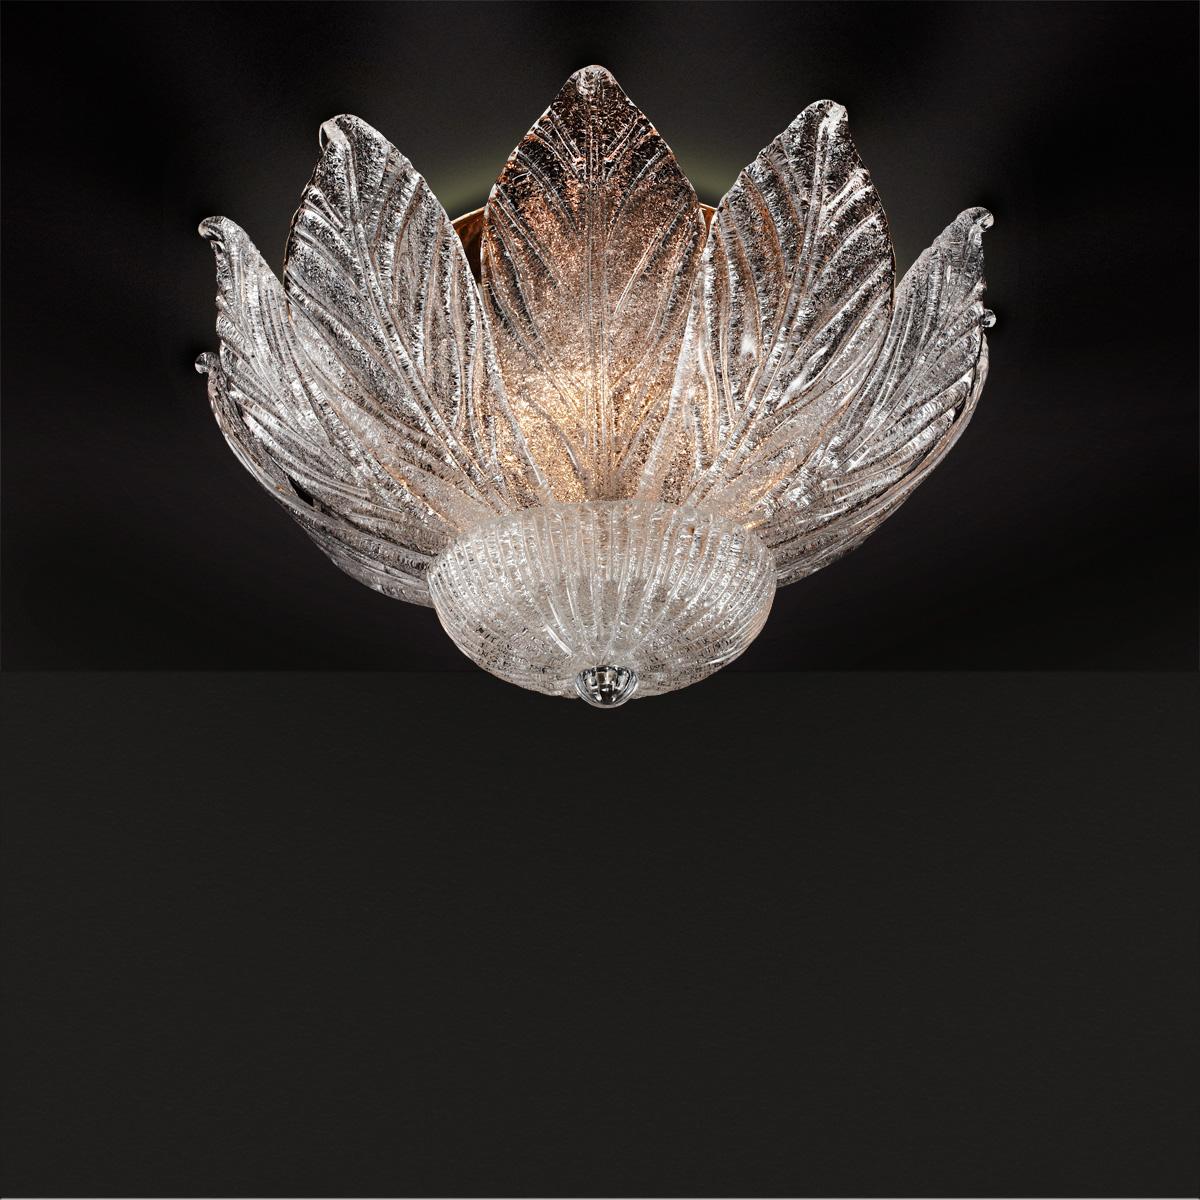 Φωτιστικό οροφής με κρυστάλλινα φύλλα Μουράνο ΗΛΙΟΣ classic ceiling lamp with crystal leaves